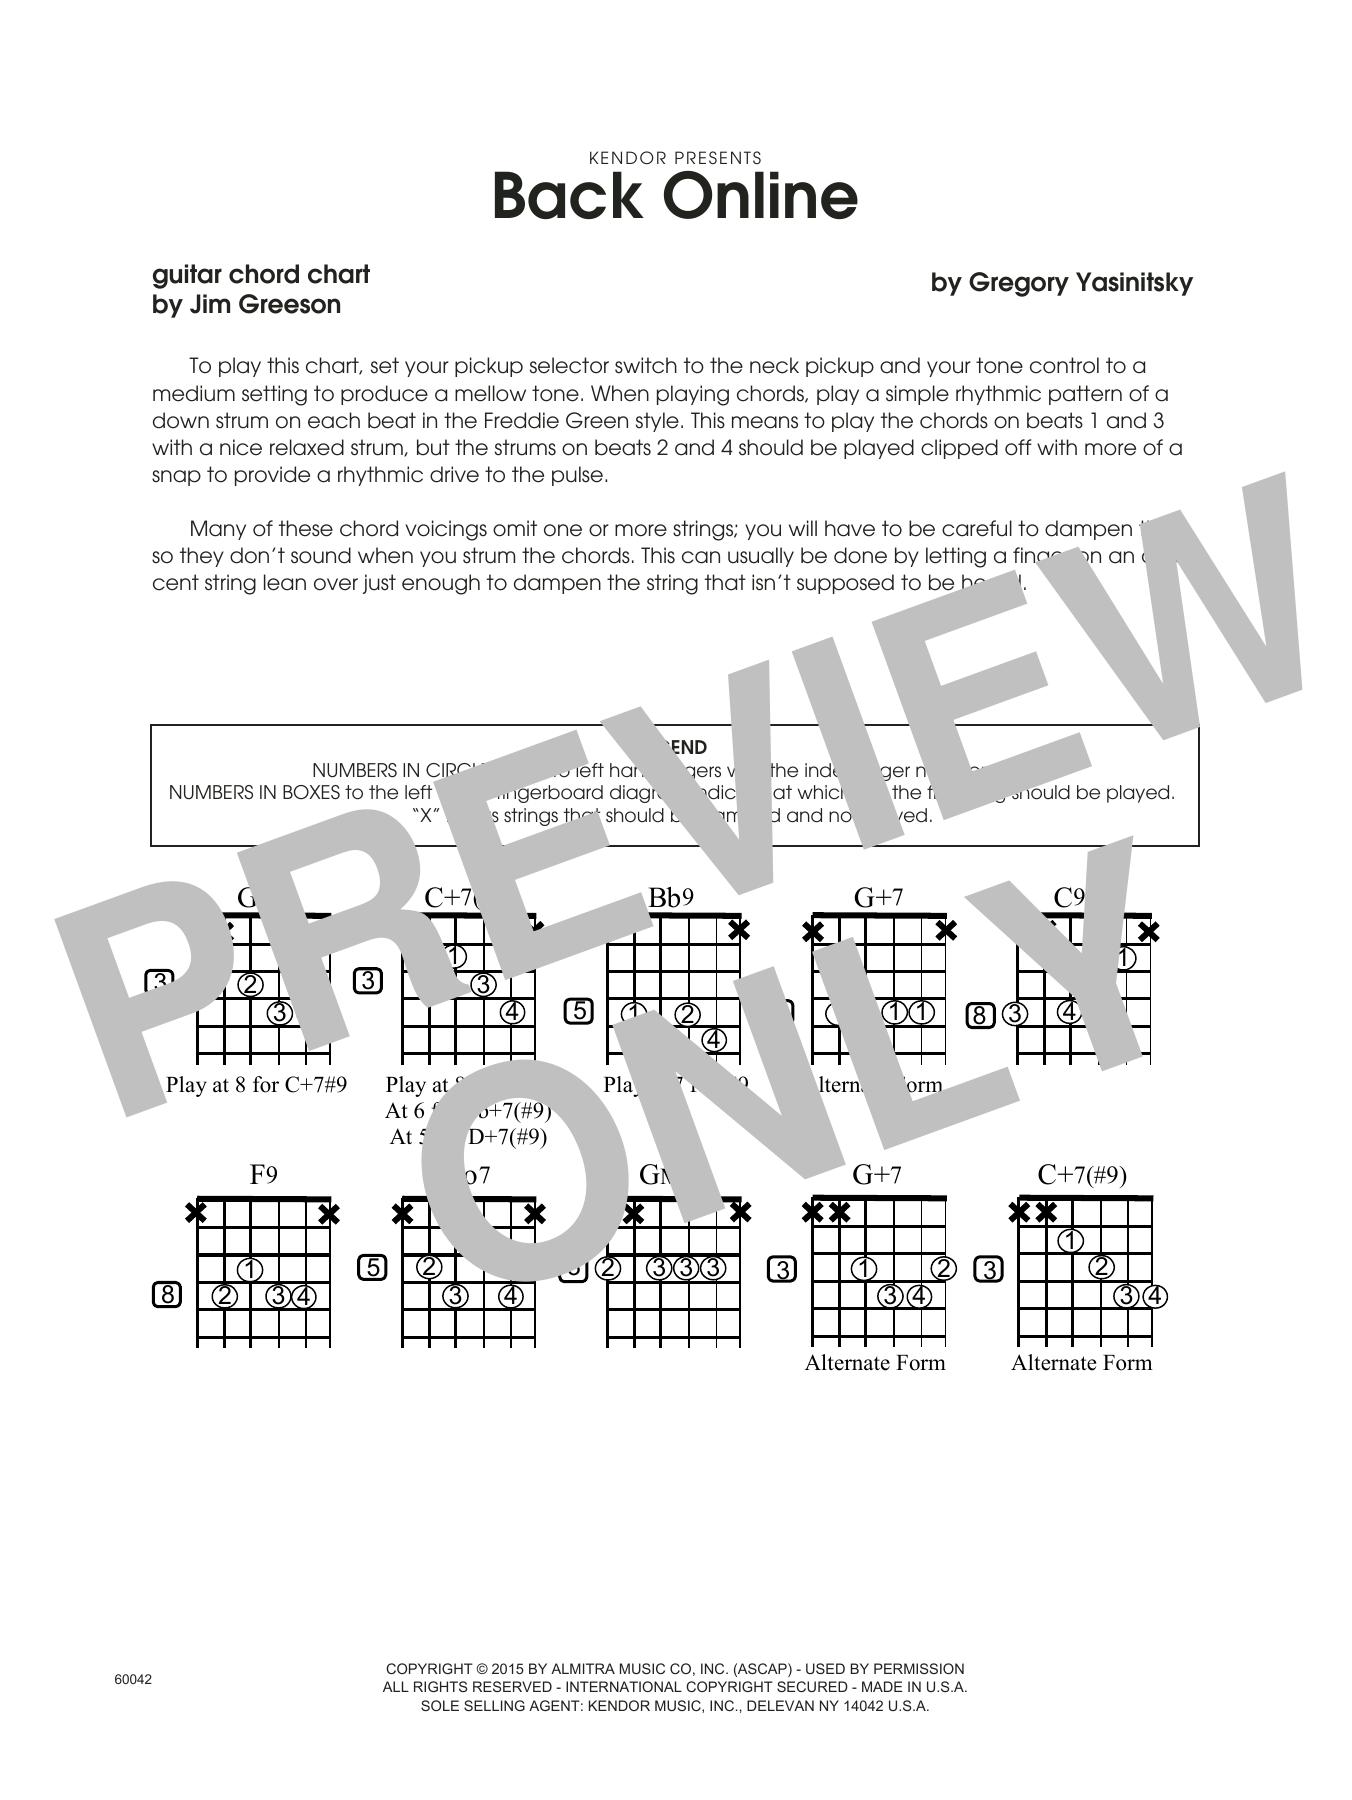 Back Online - Guitar Chord Chart Sheet Music